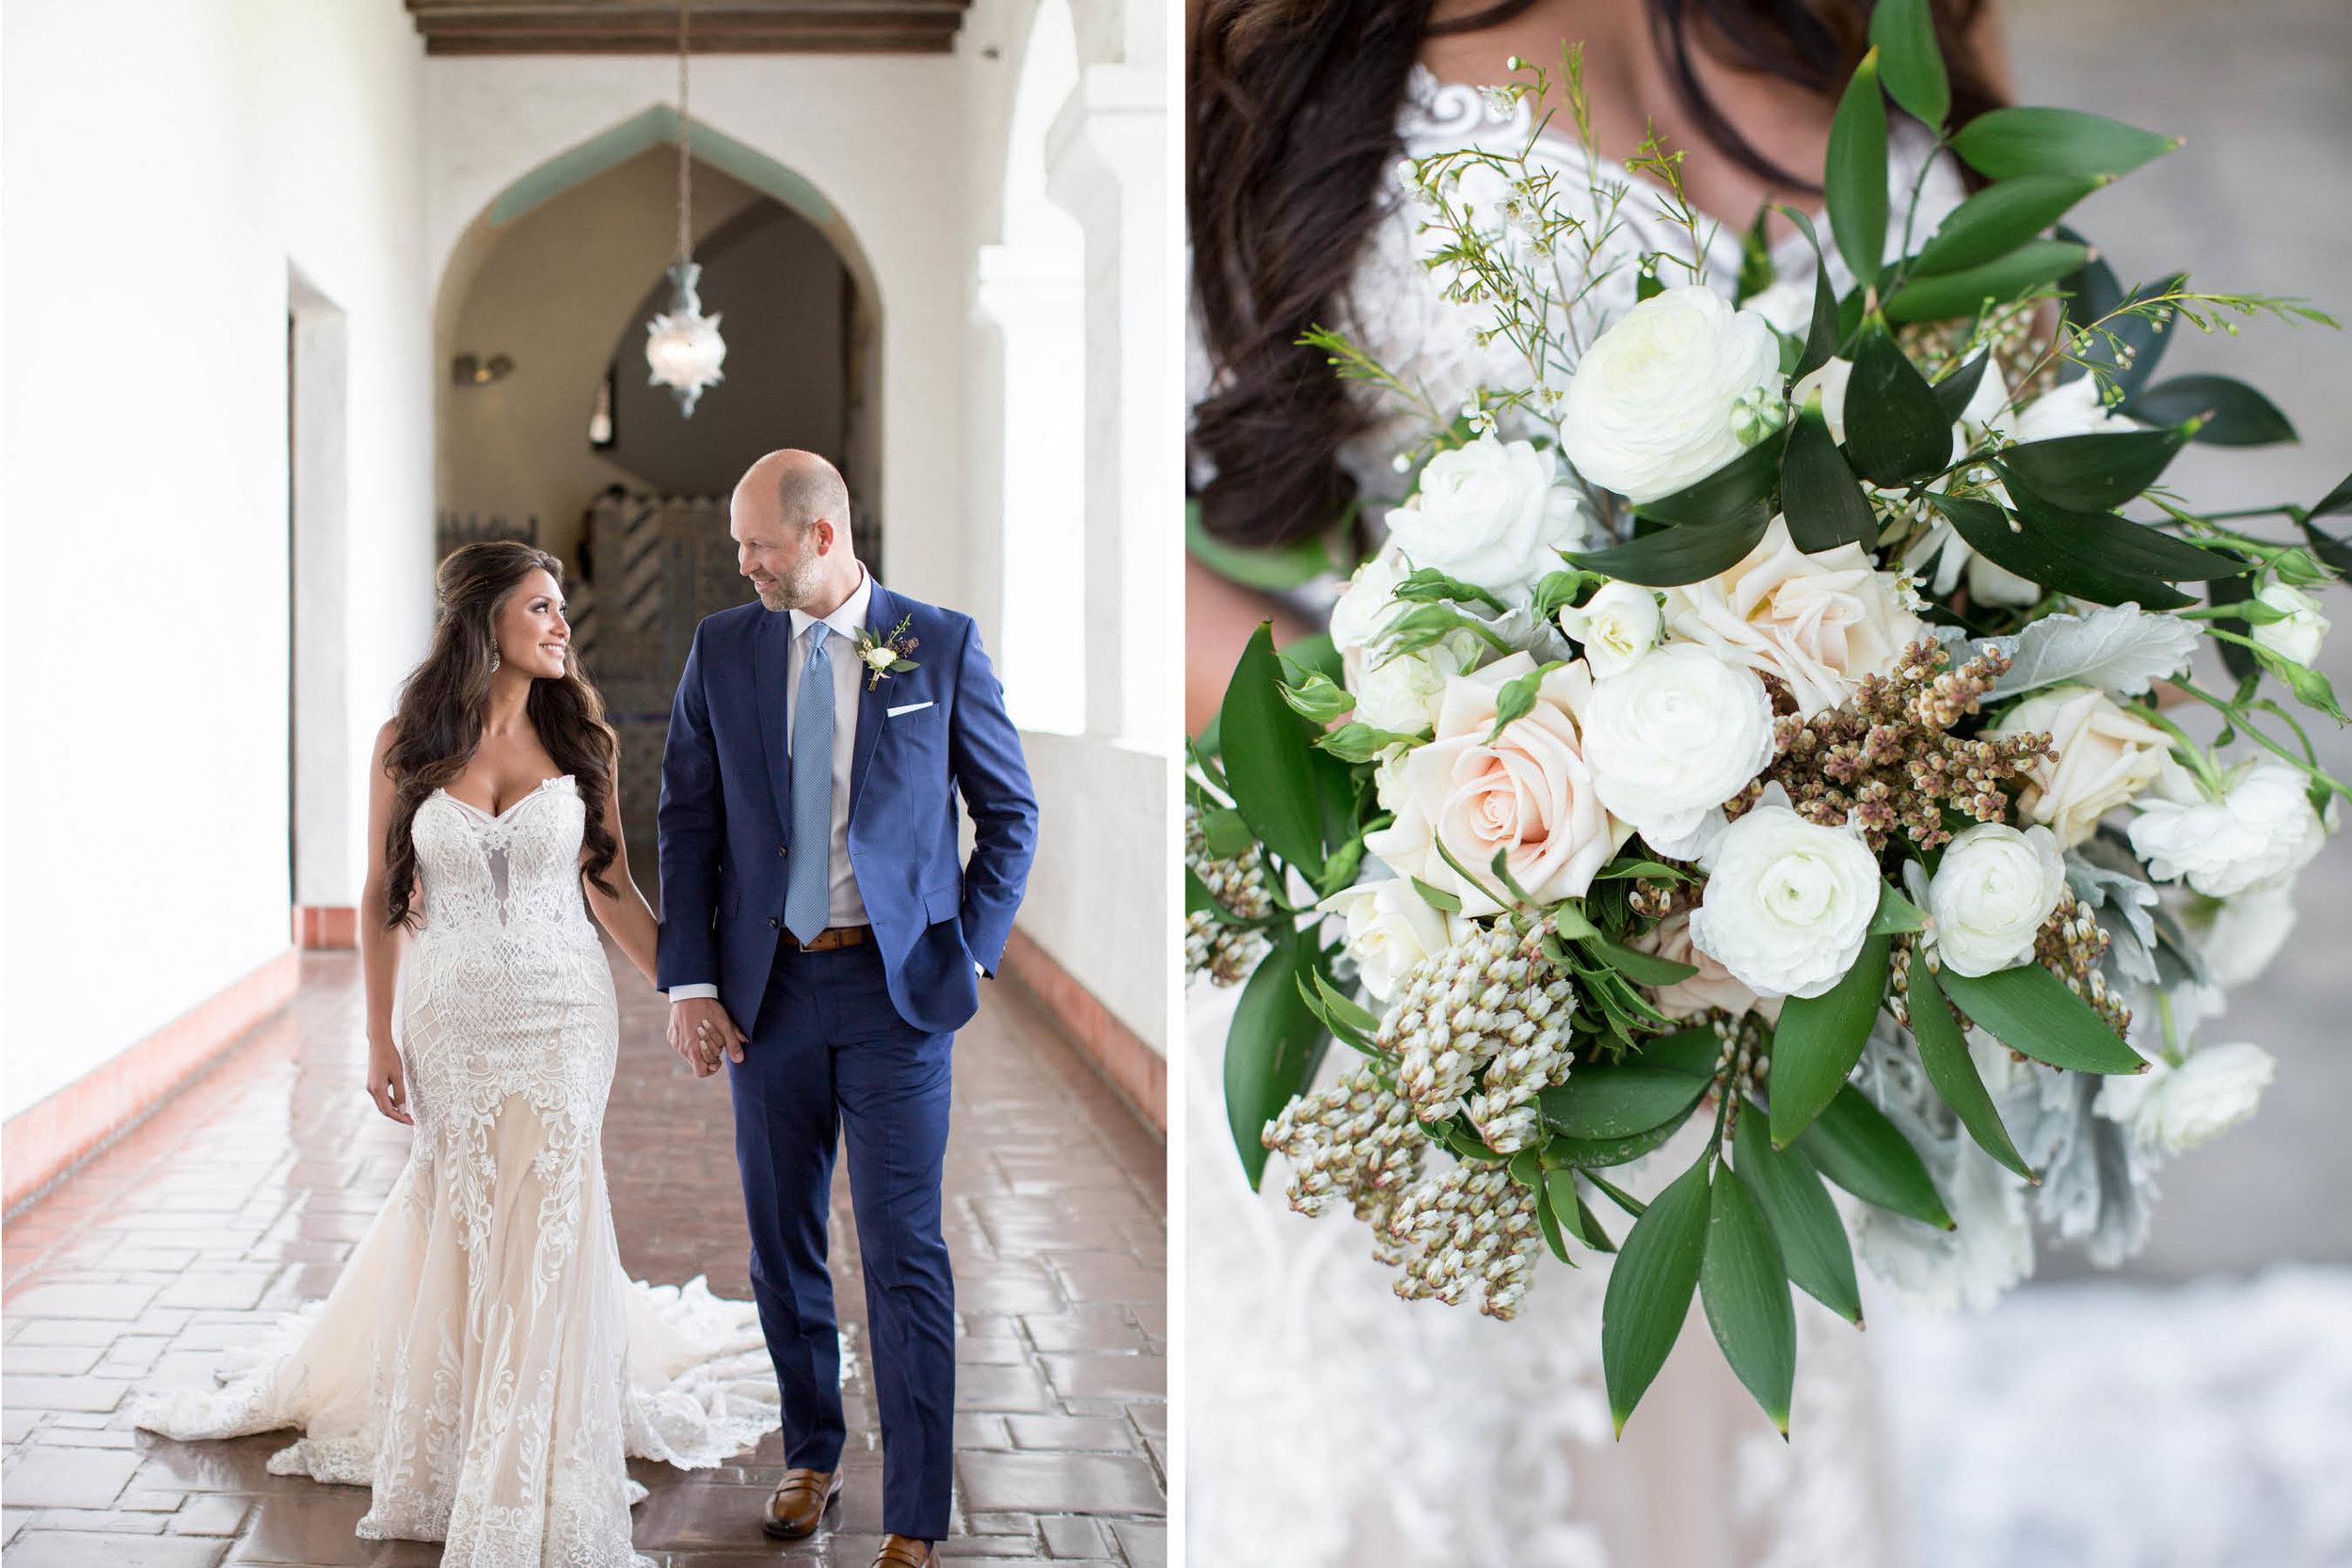 alegria-by-design-wedding-planner-planning-design-event-coordinator-day-of-courthouse-garden-hotel-californian-villa-vine-courtyard (11).jpg